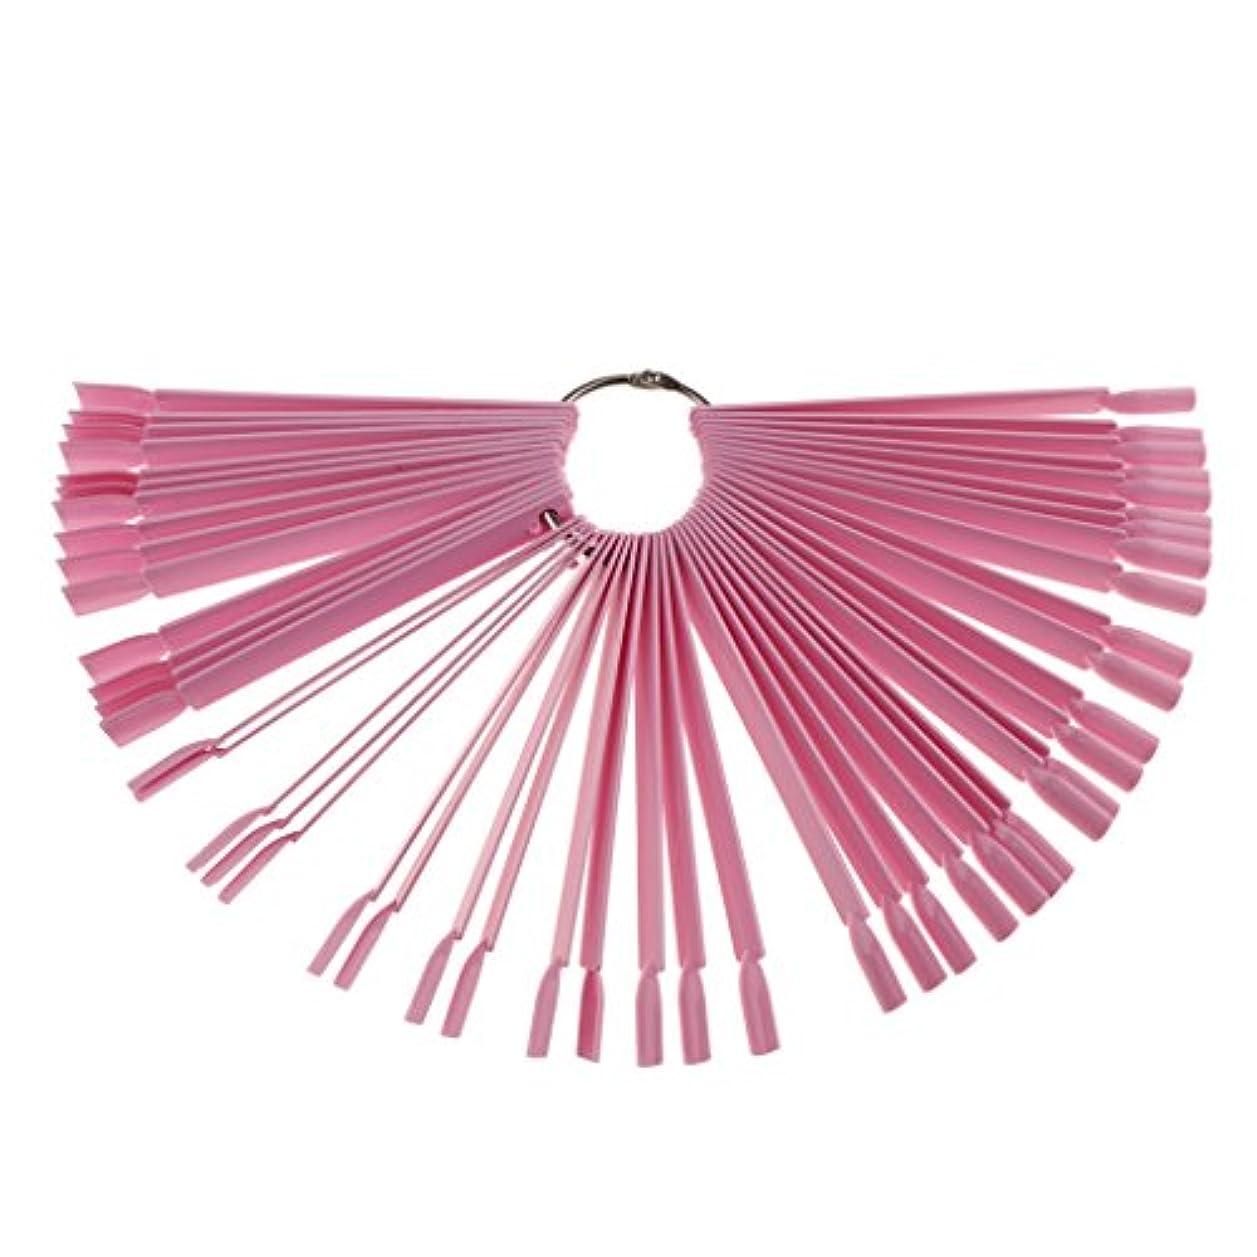 塩エラー海峡ひも約50ピース ネイルヒント 磨きネイルアートチップ ポップカラースティック ディスプレイ ファンキット 3色選べ - ピンク